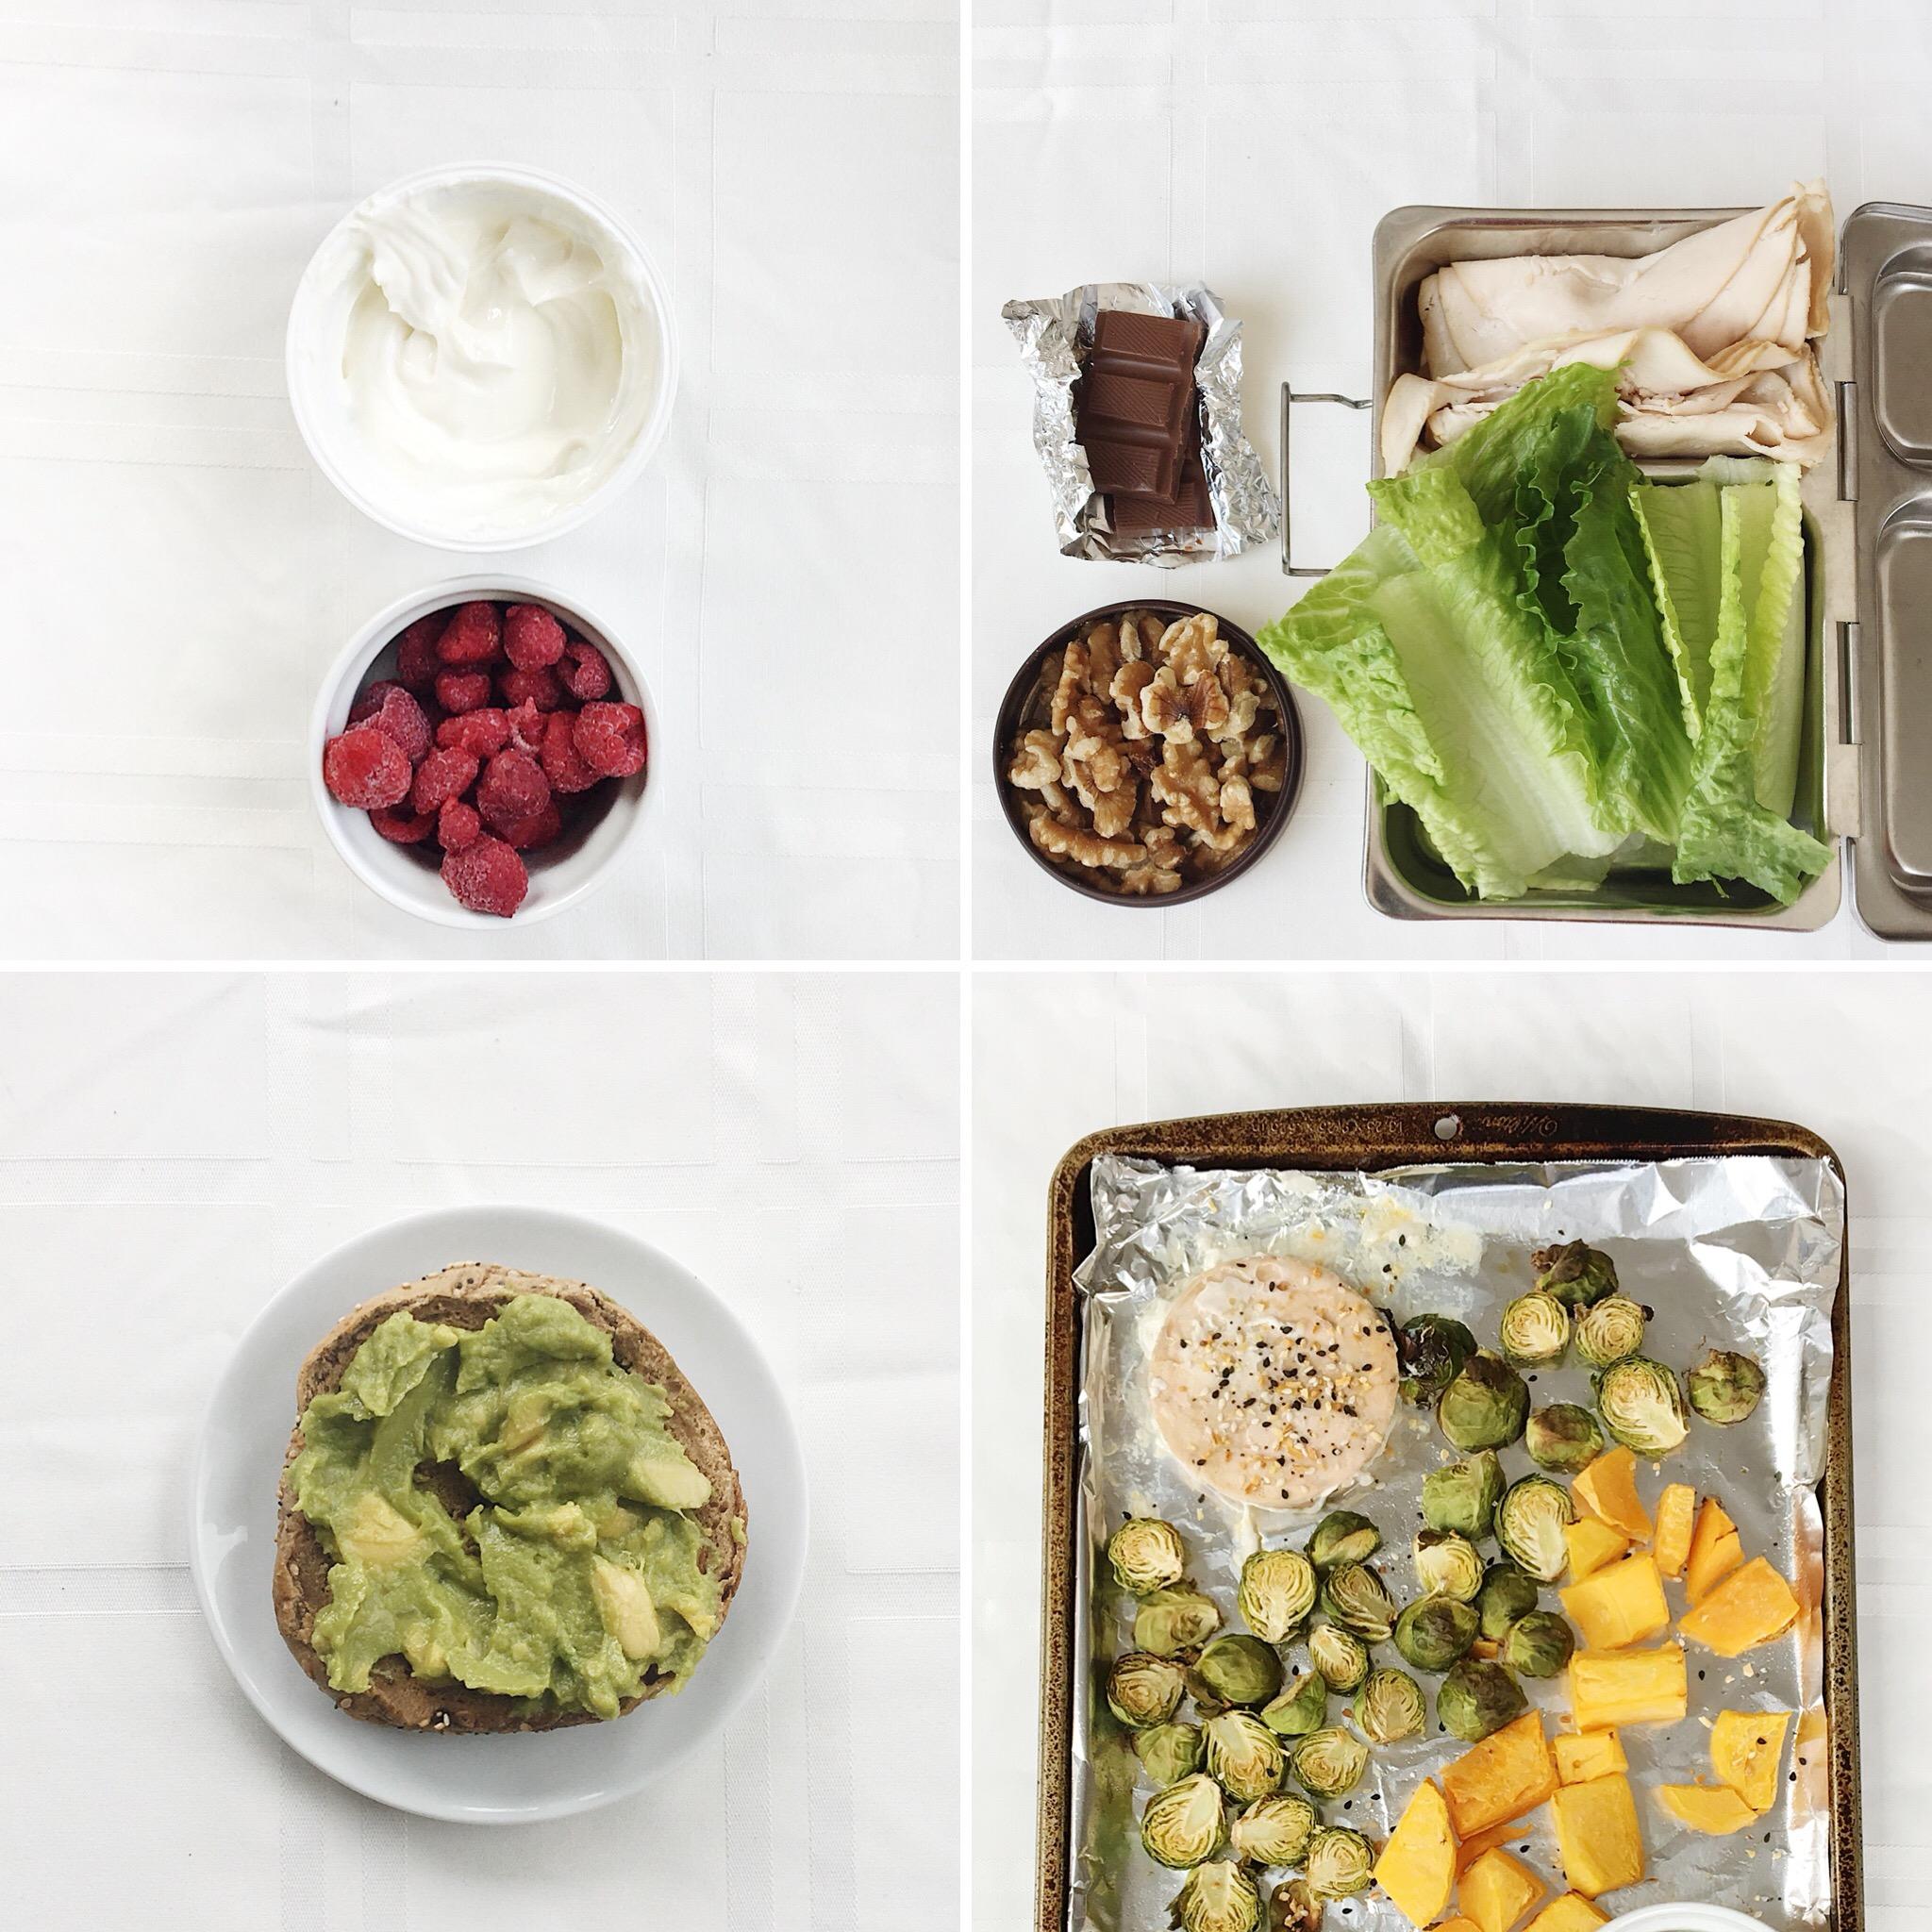 1500 calorie meal plan